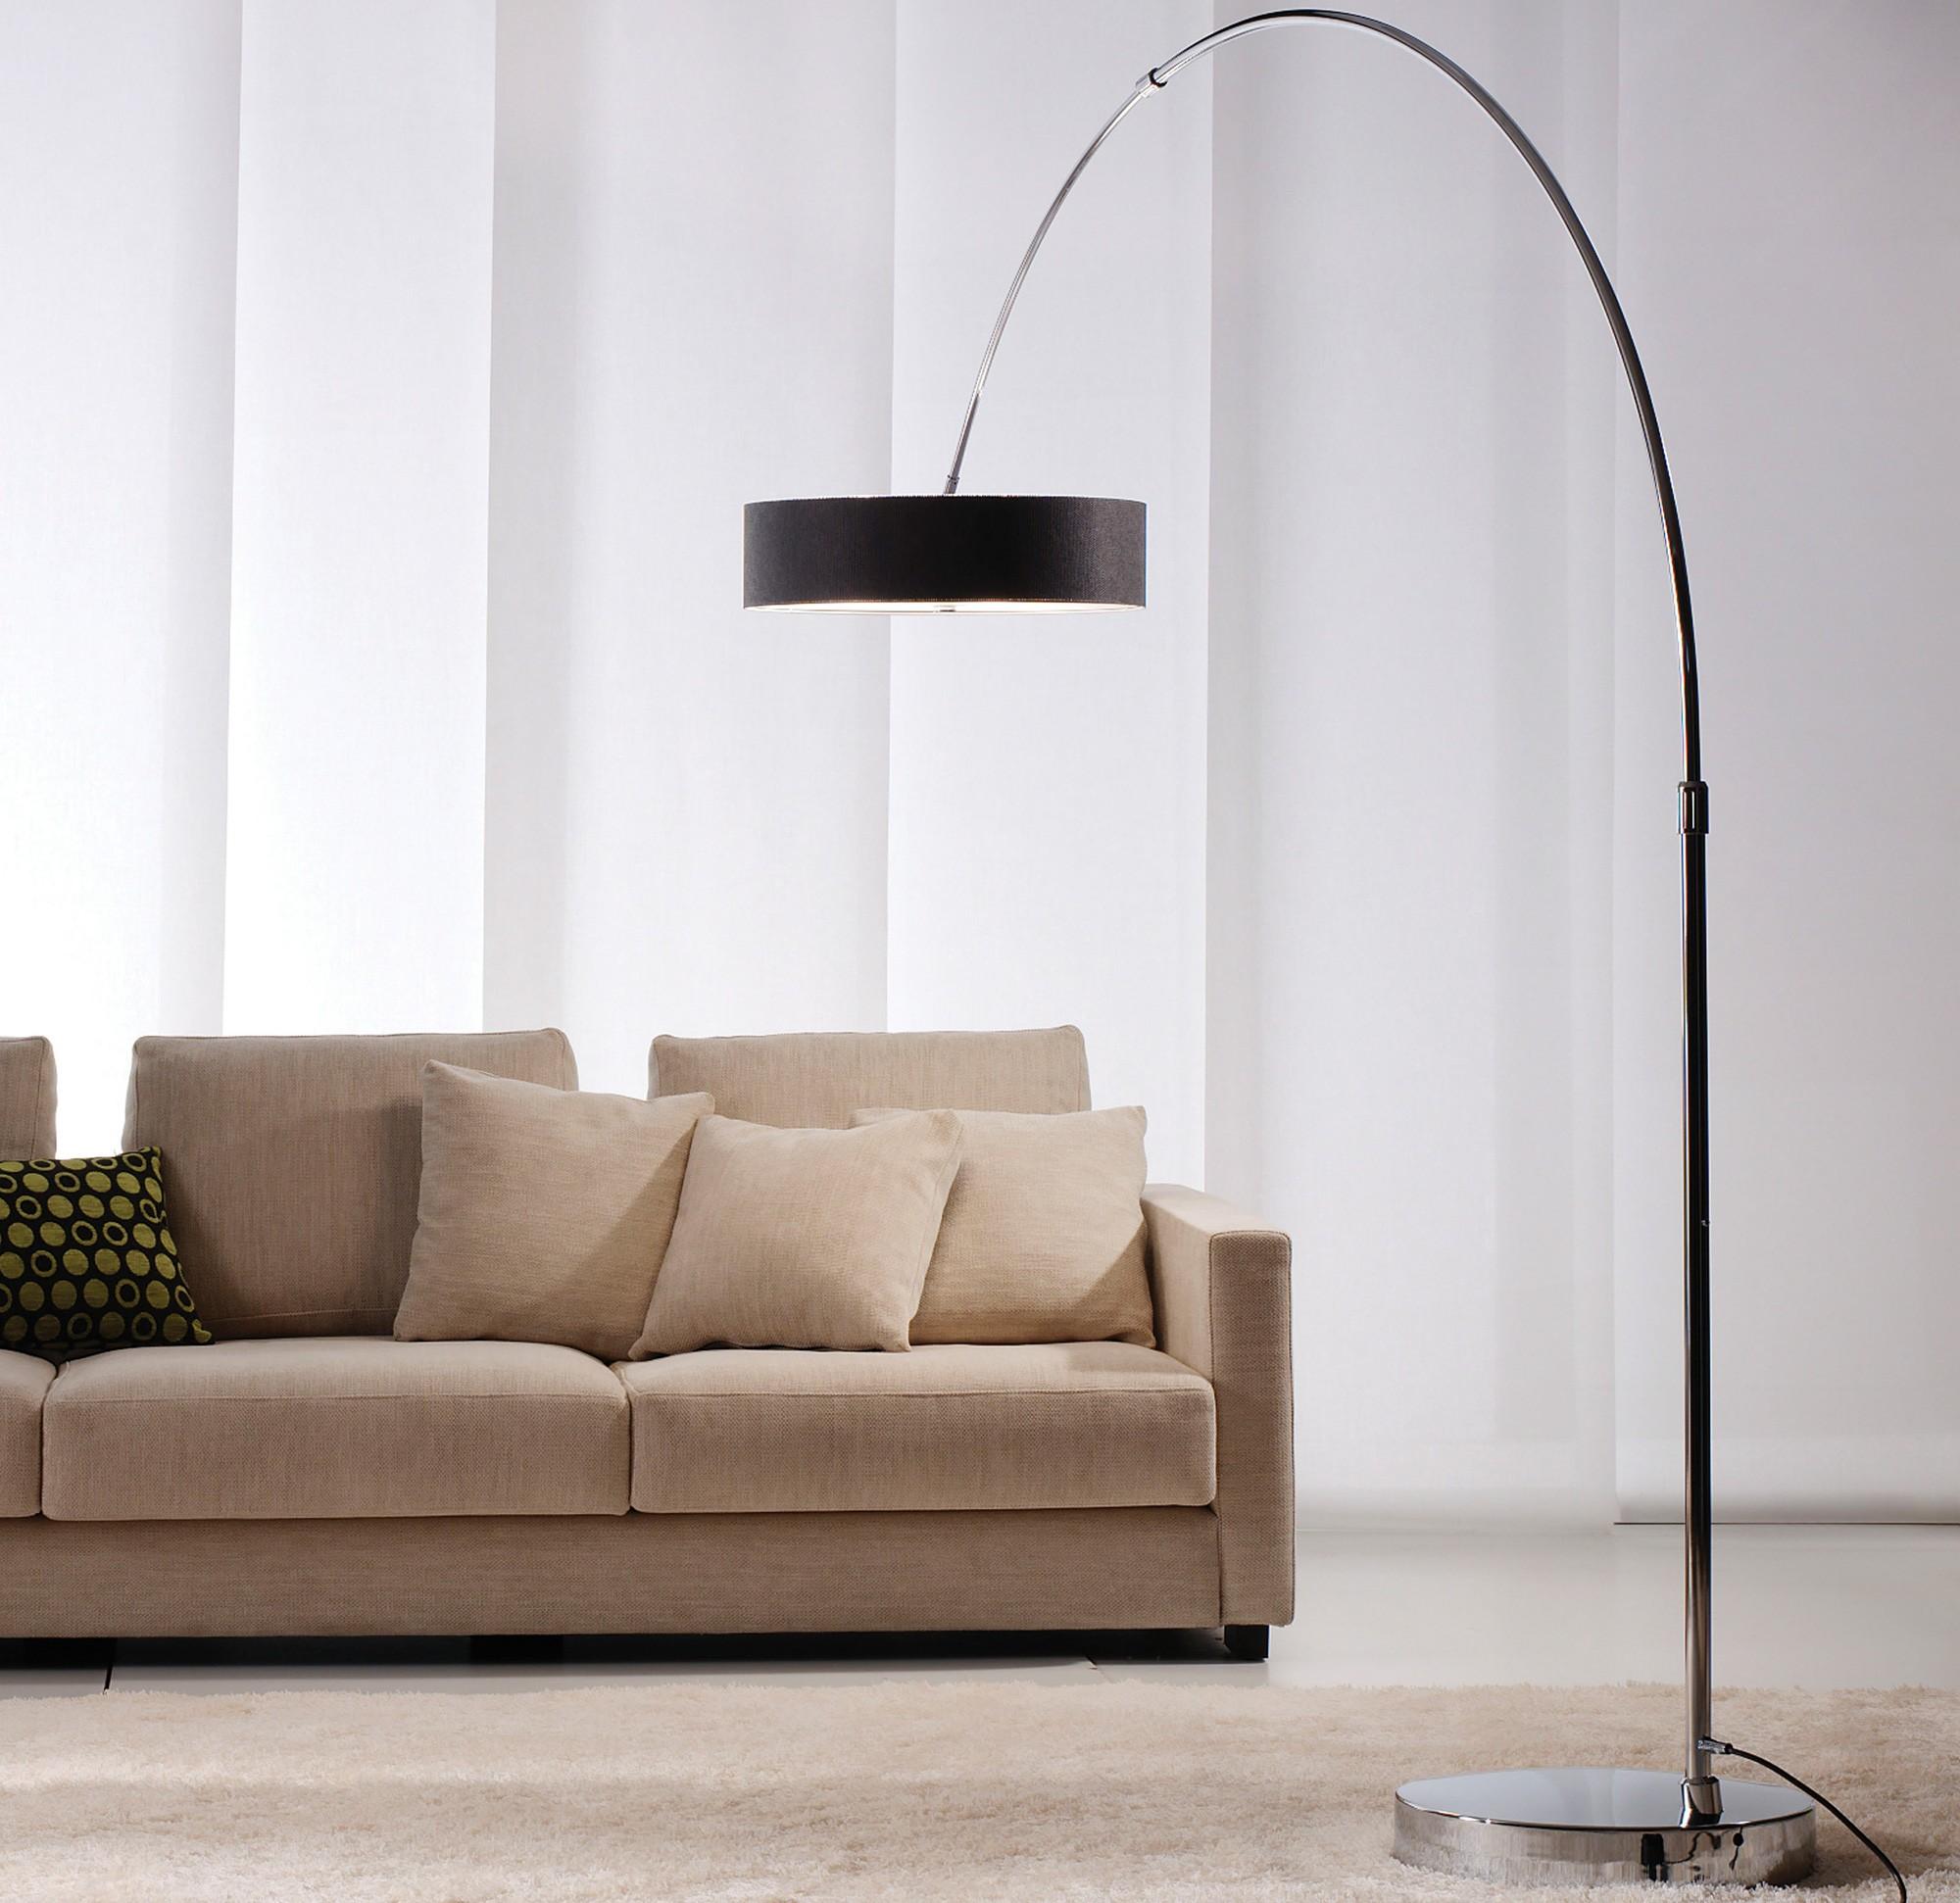 iris p 2718 bogenleuchte von estiluz. Black Bedroom Furniture Sets. Home Design Ideas